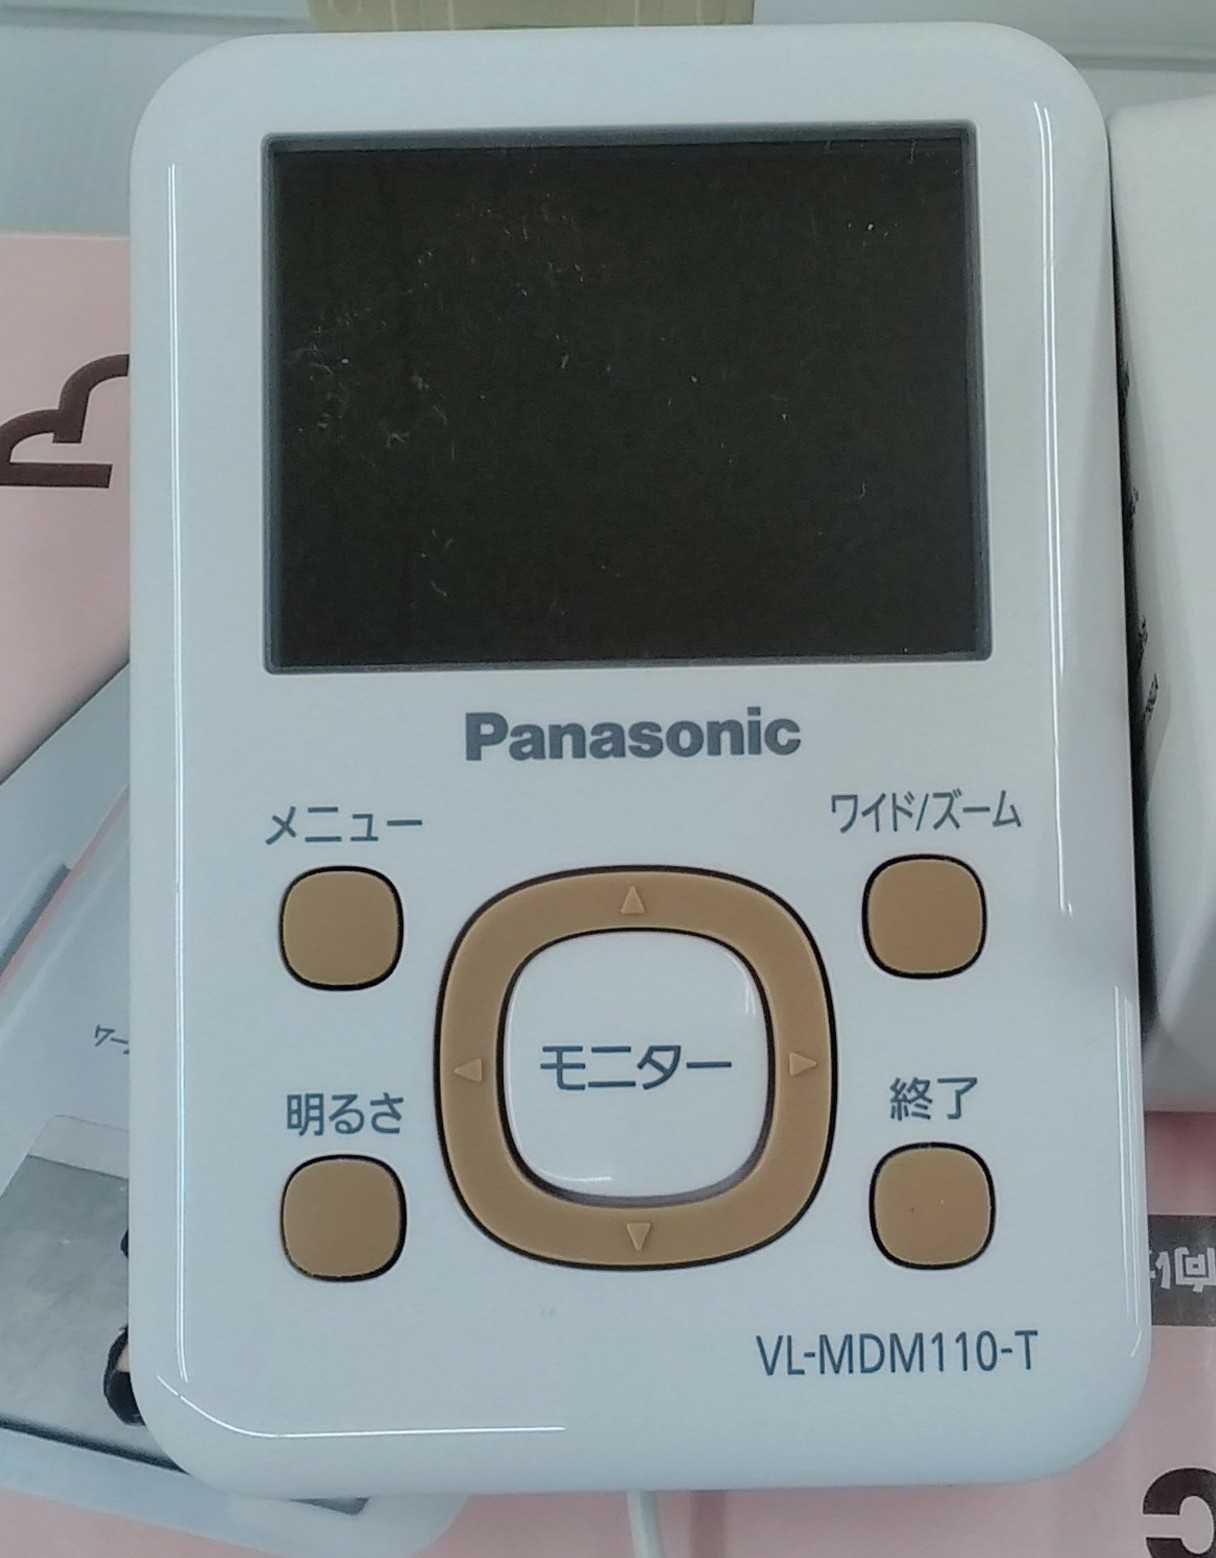 ワイヤレスドアモニター|PANASONIC